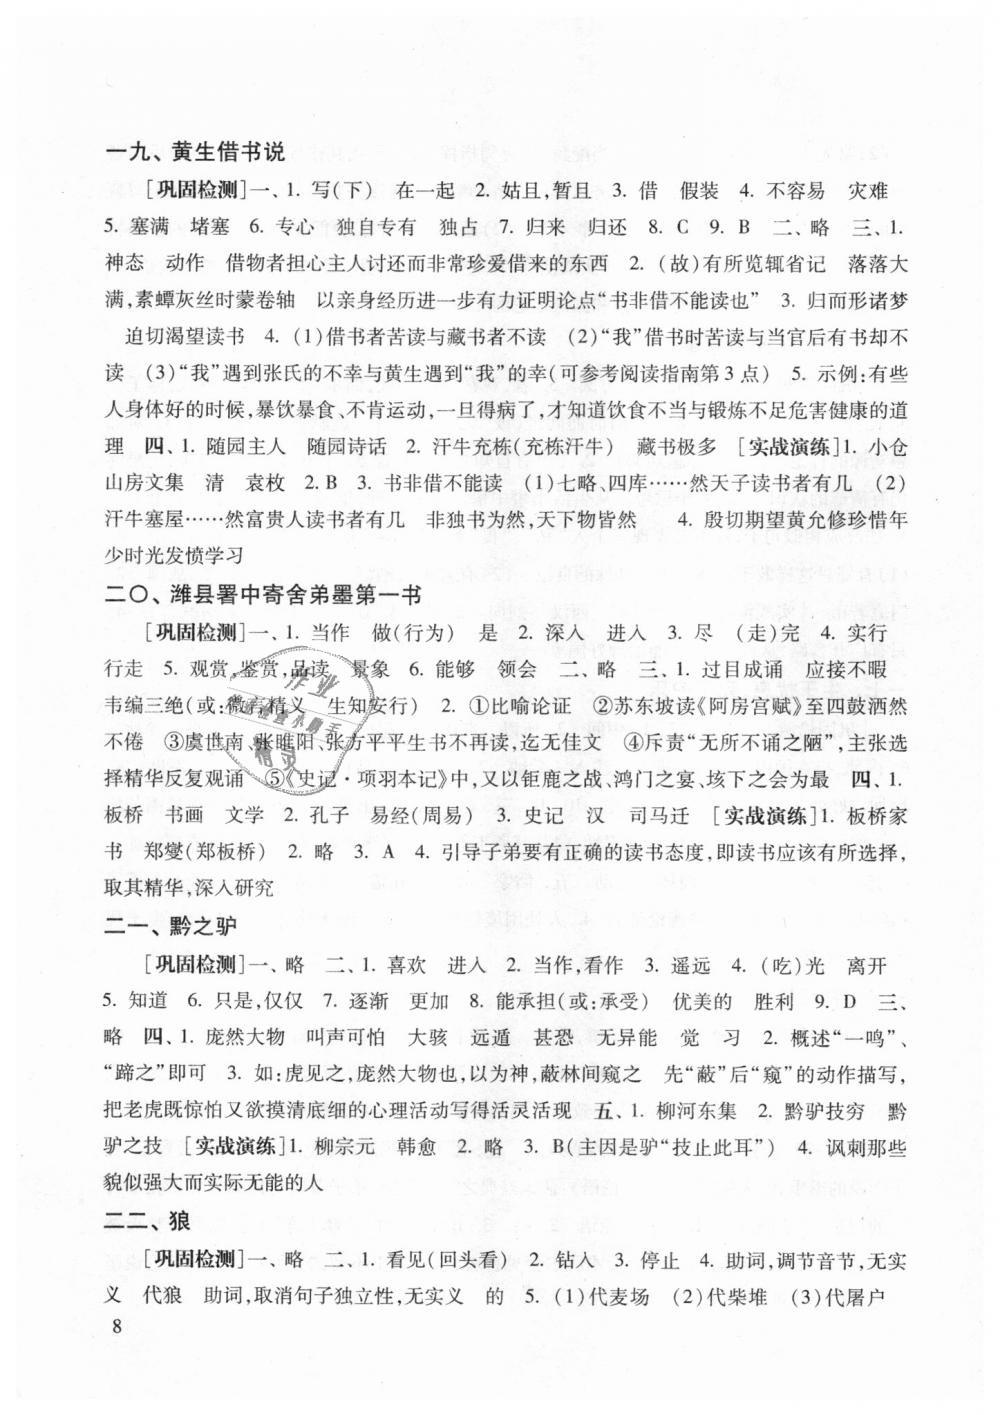 2018年中考文言诗文考试篇目点击九年级语文沪教版第8页